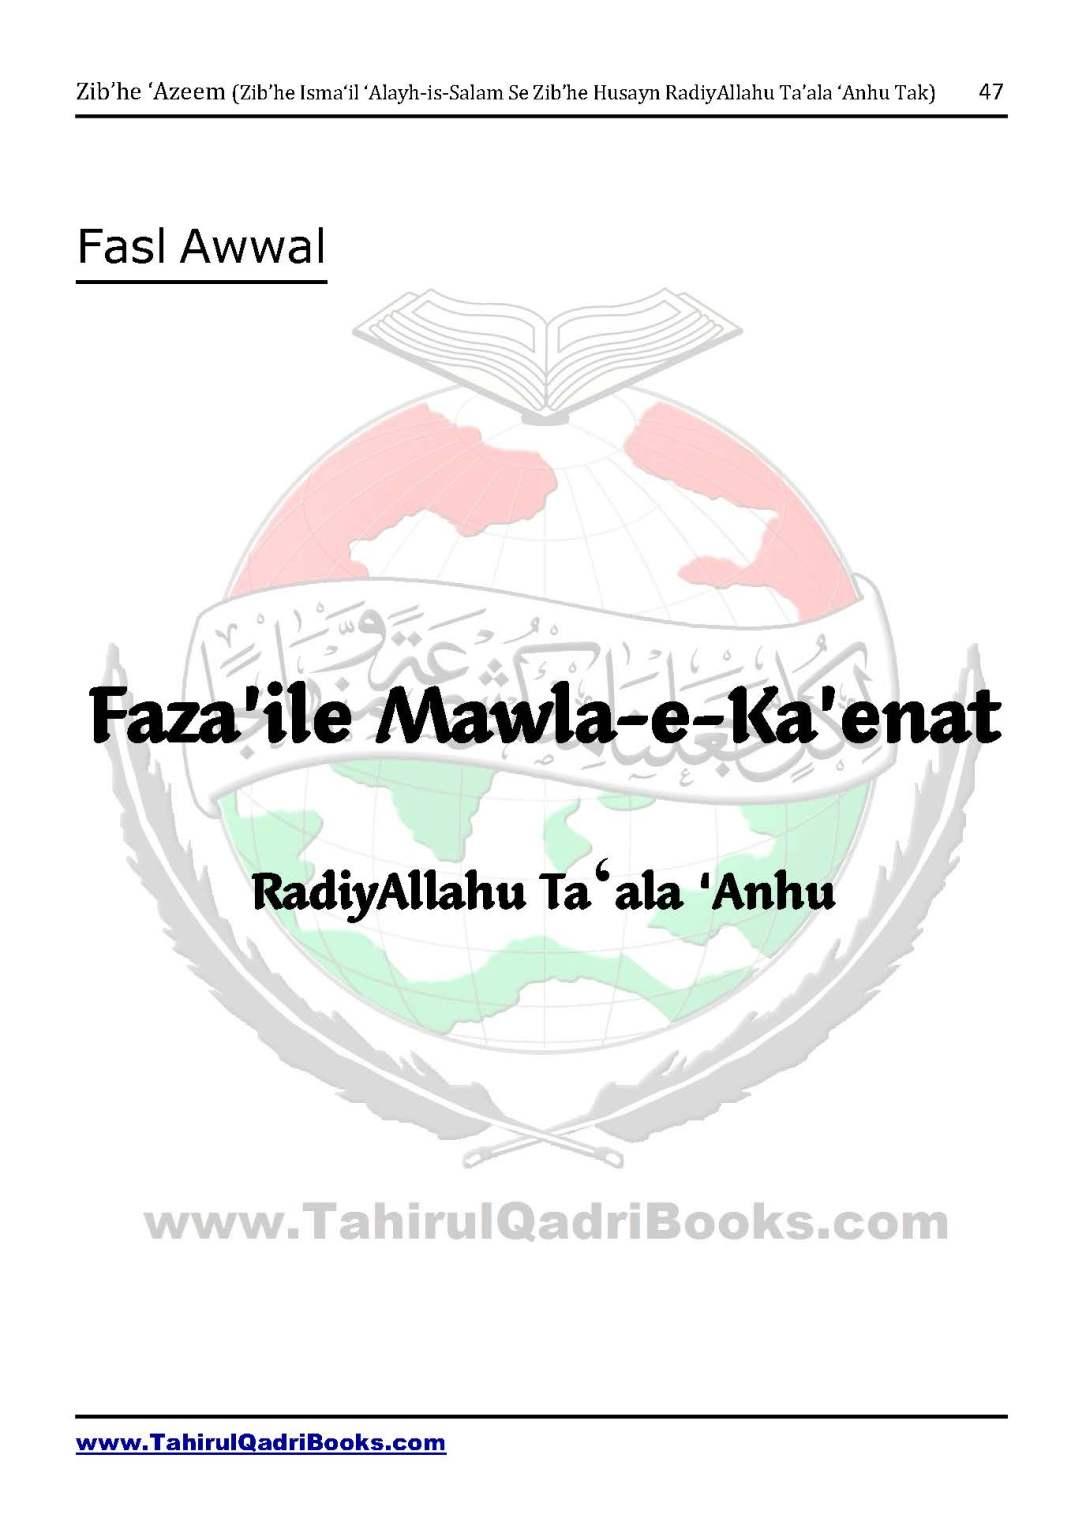 zib_he-e28098azeem-zib_he-ismacabbil-se-zib_he-husayn-tak-in-roman-urdu-unlocked_Page_047